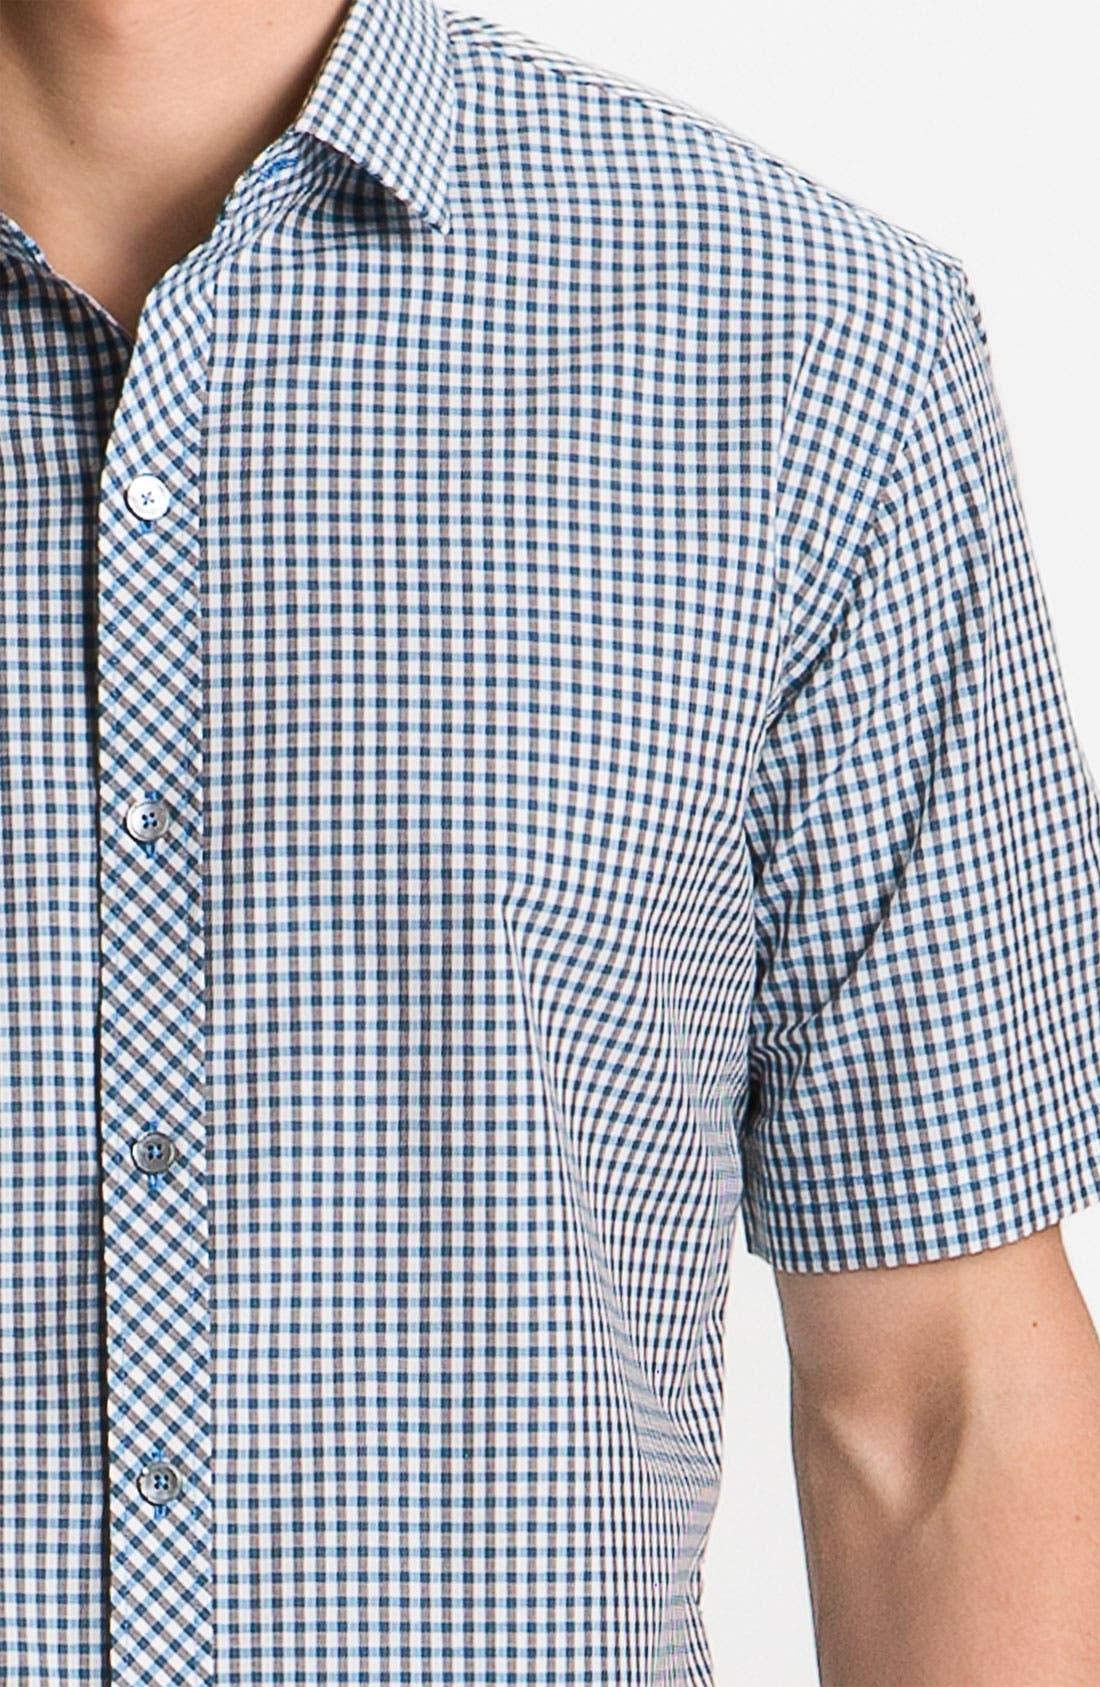 Alternate Image 2  - Zachary Prell 'Vasco' Sport Shirt